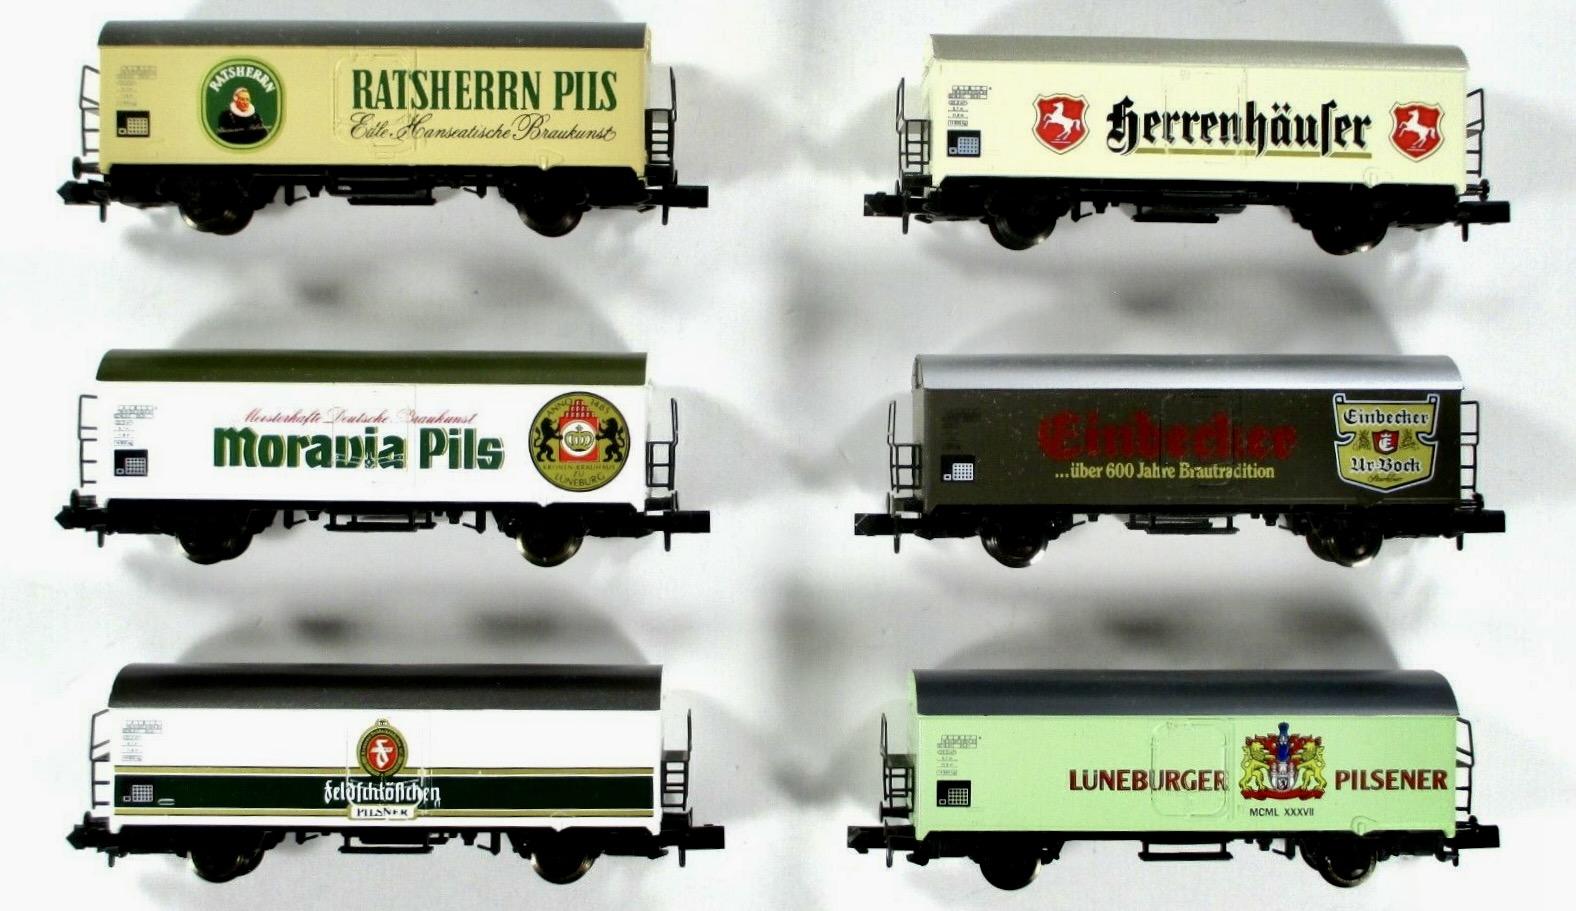 N Scale - Arnold - 0148 - Boxcar, 4-Wheel, Round Top 40 Foot - Deutsche Bahn - 6-Pack